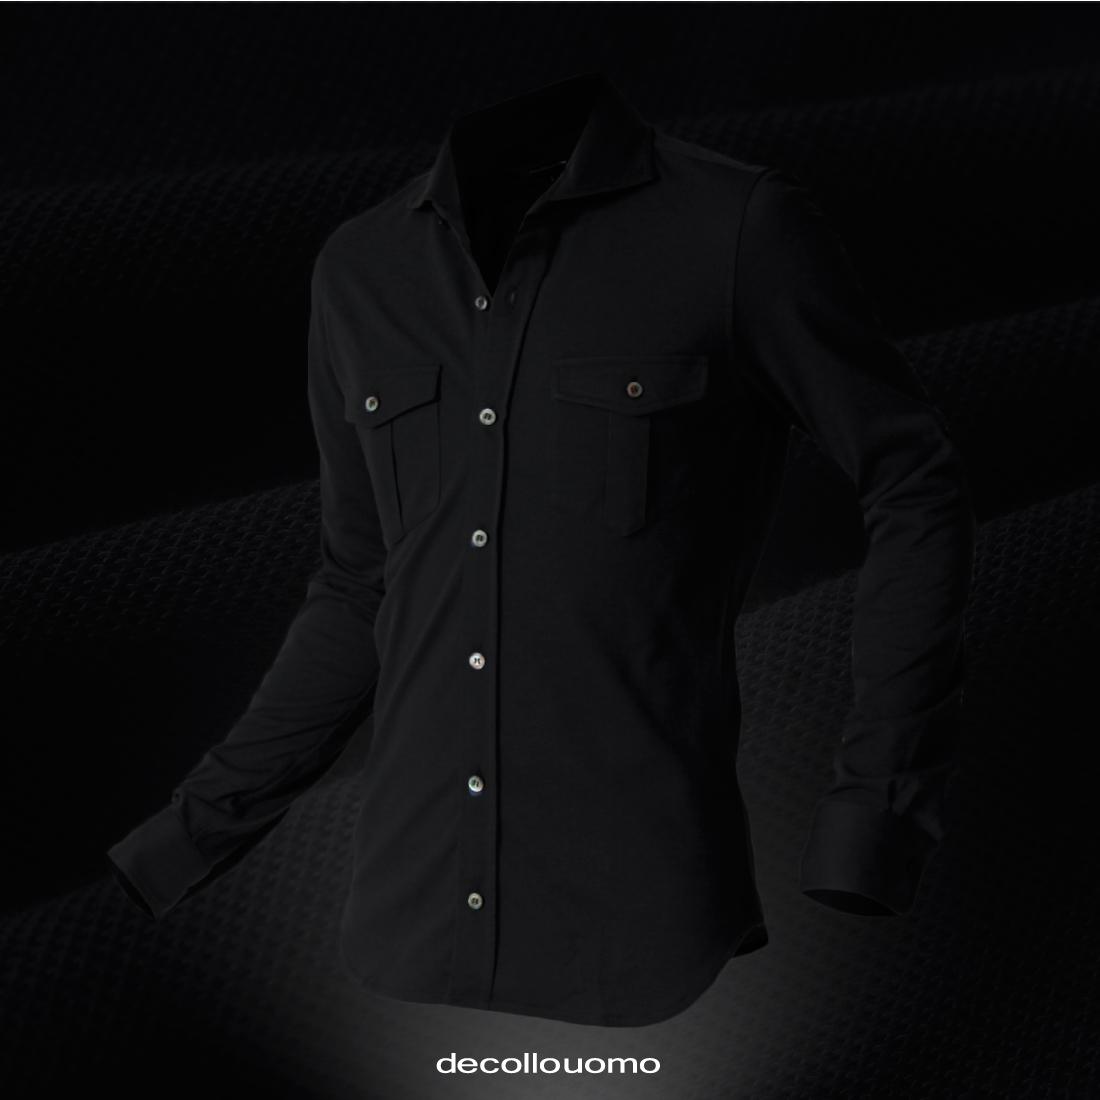 【日本製のパフォーマンス力】decollouomoデッコーロウォモの漆黒BLACKOUTシャツ!!